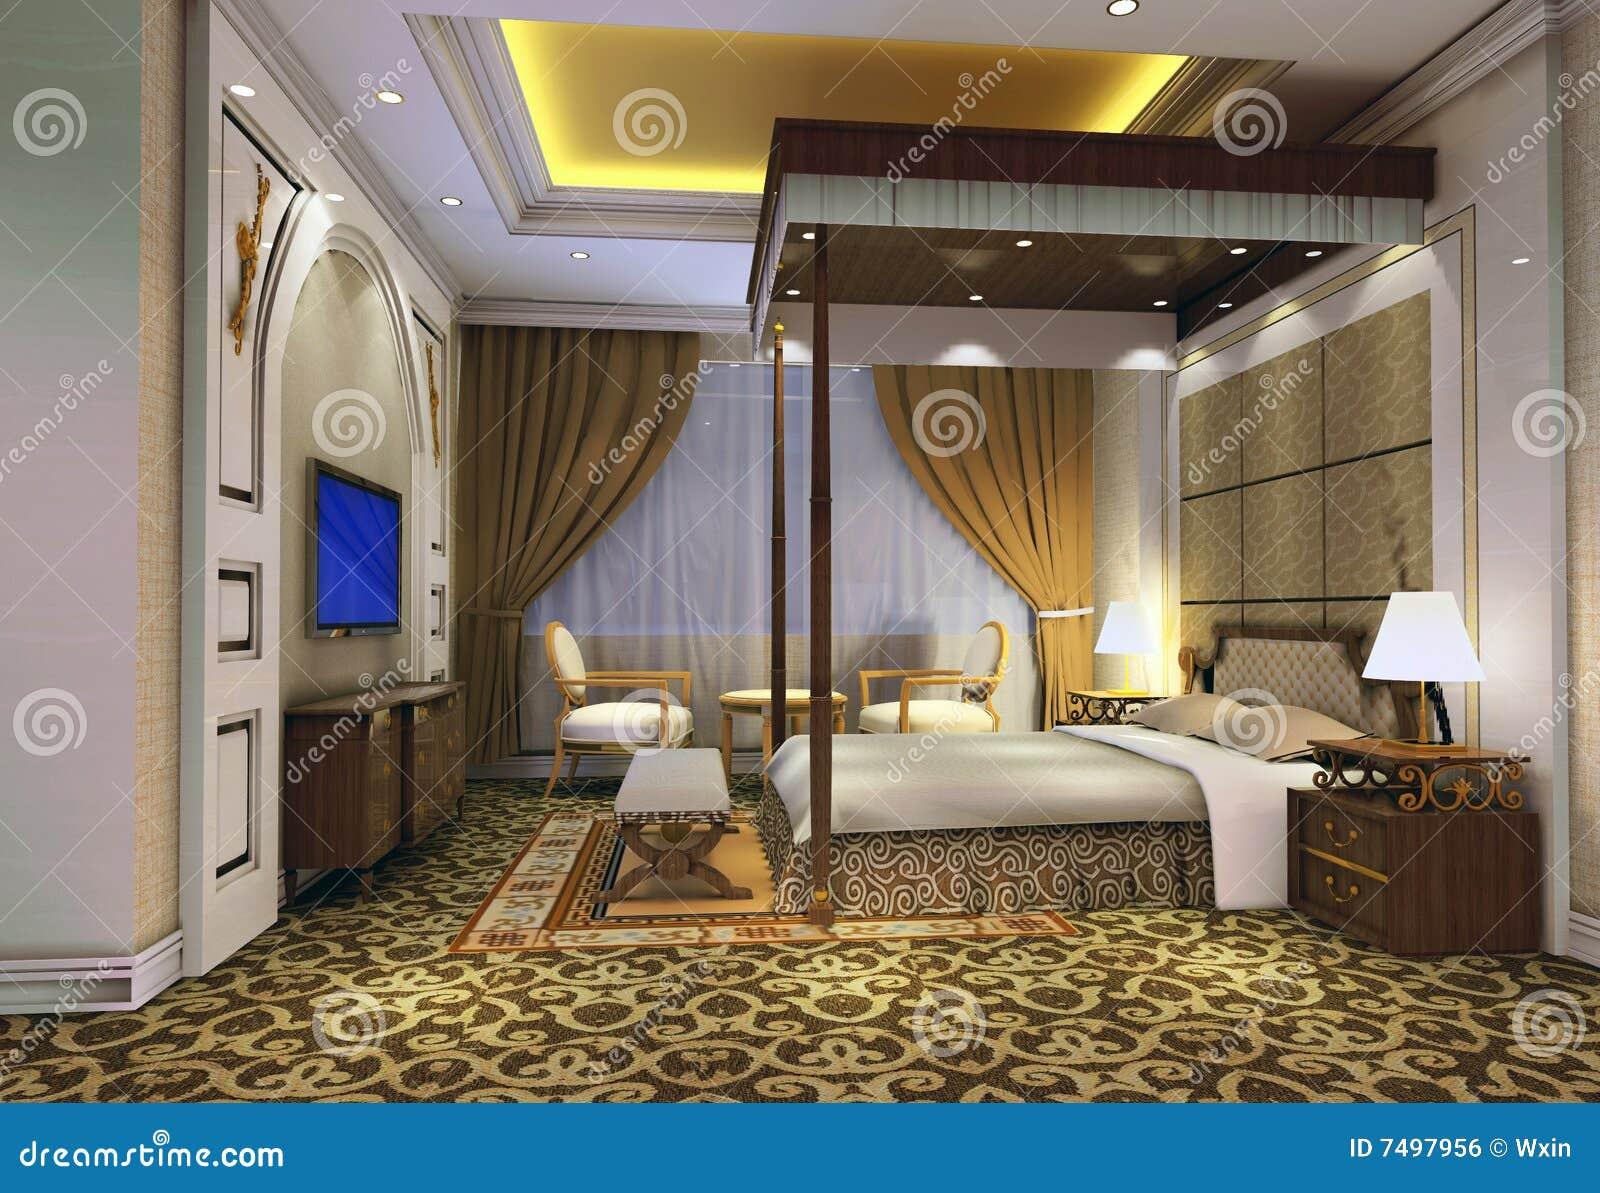 Chambre coucher 3d rendant 3 image libre de droits for Chambre 3d